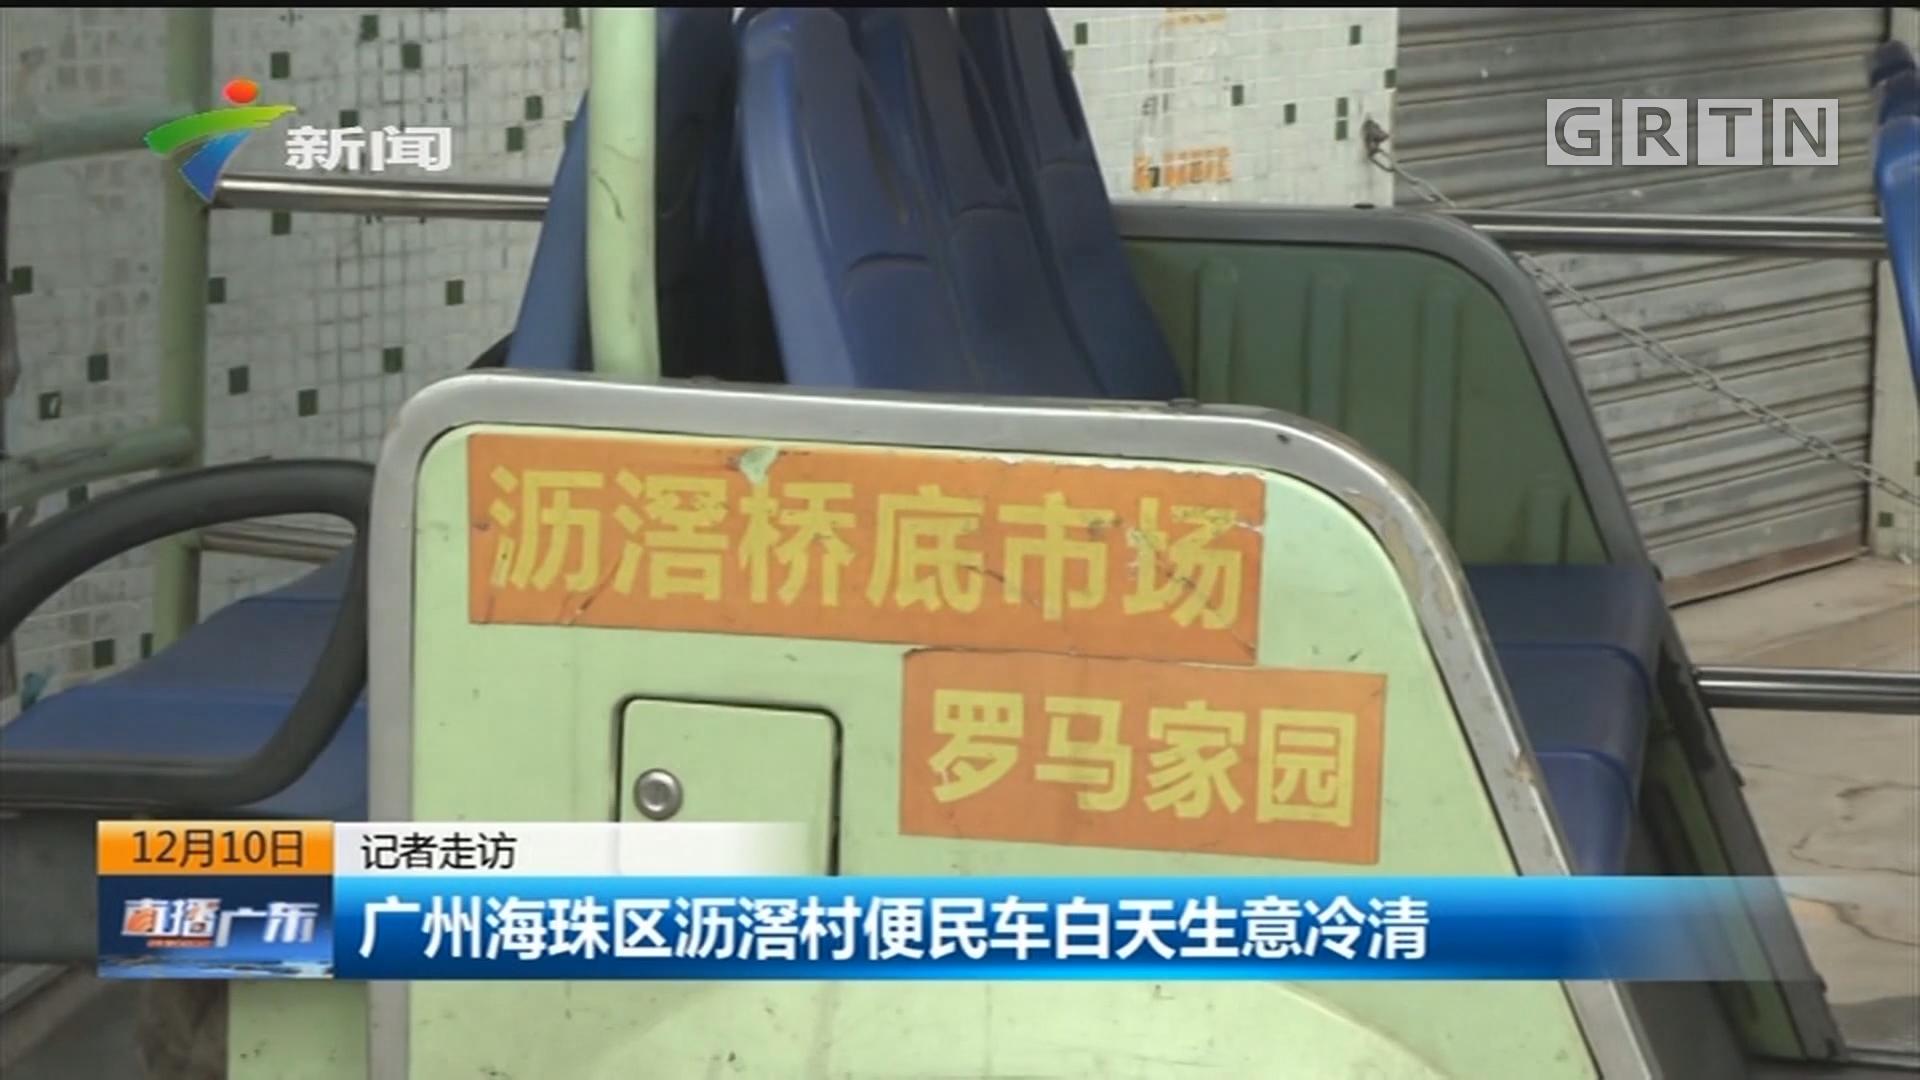 记者走访:广州海珠区沥滘村便民车白天生意冷清